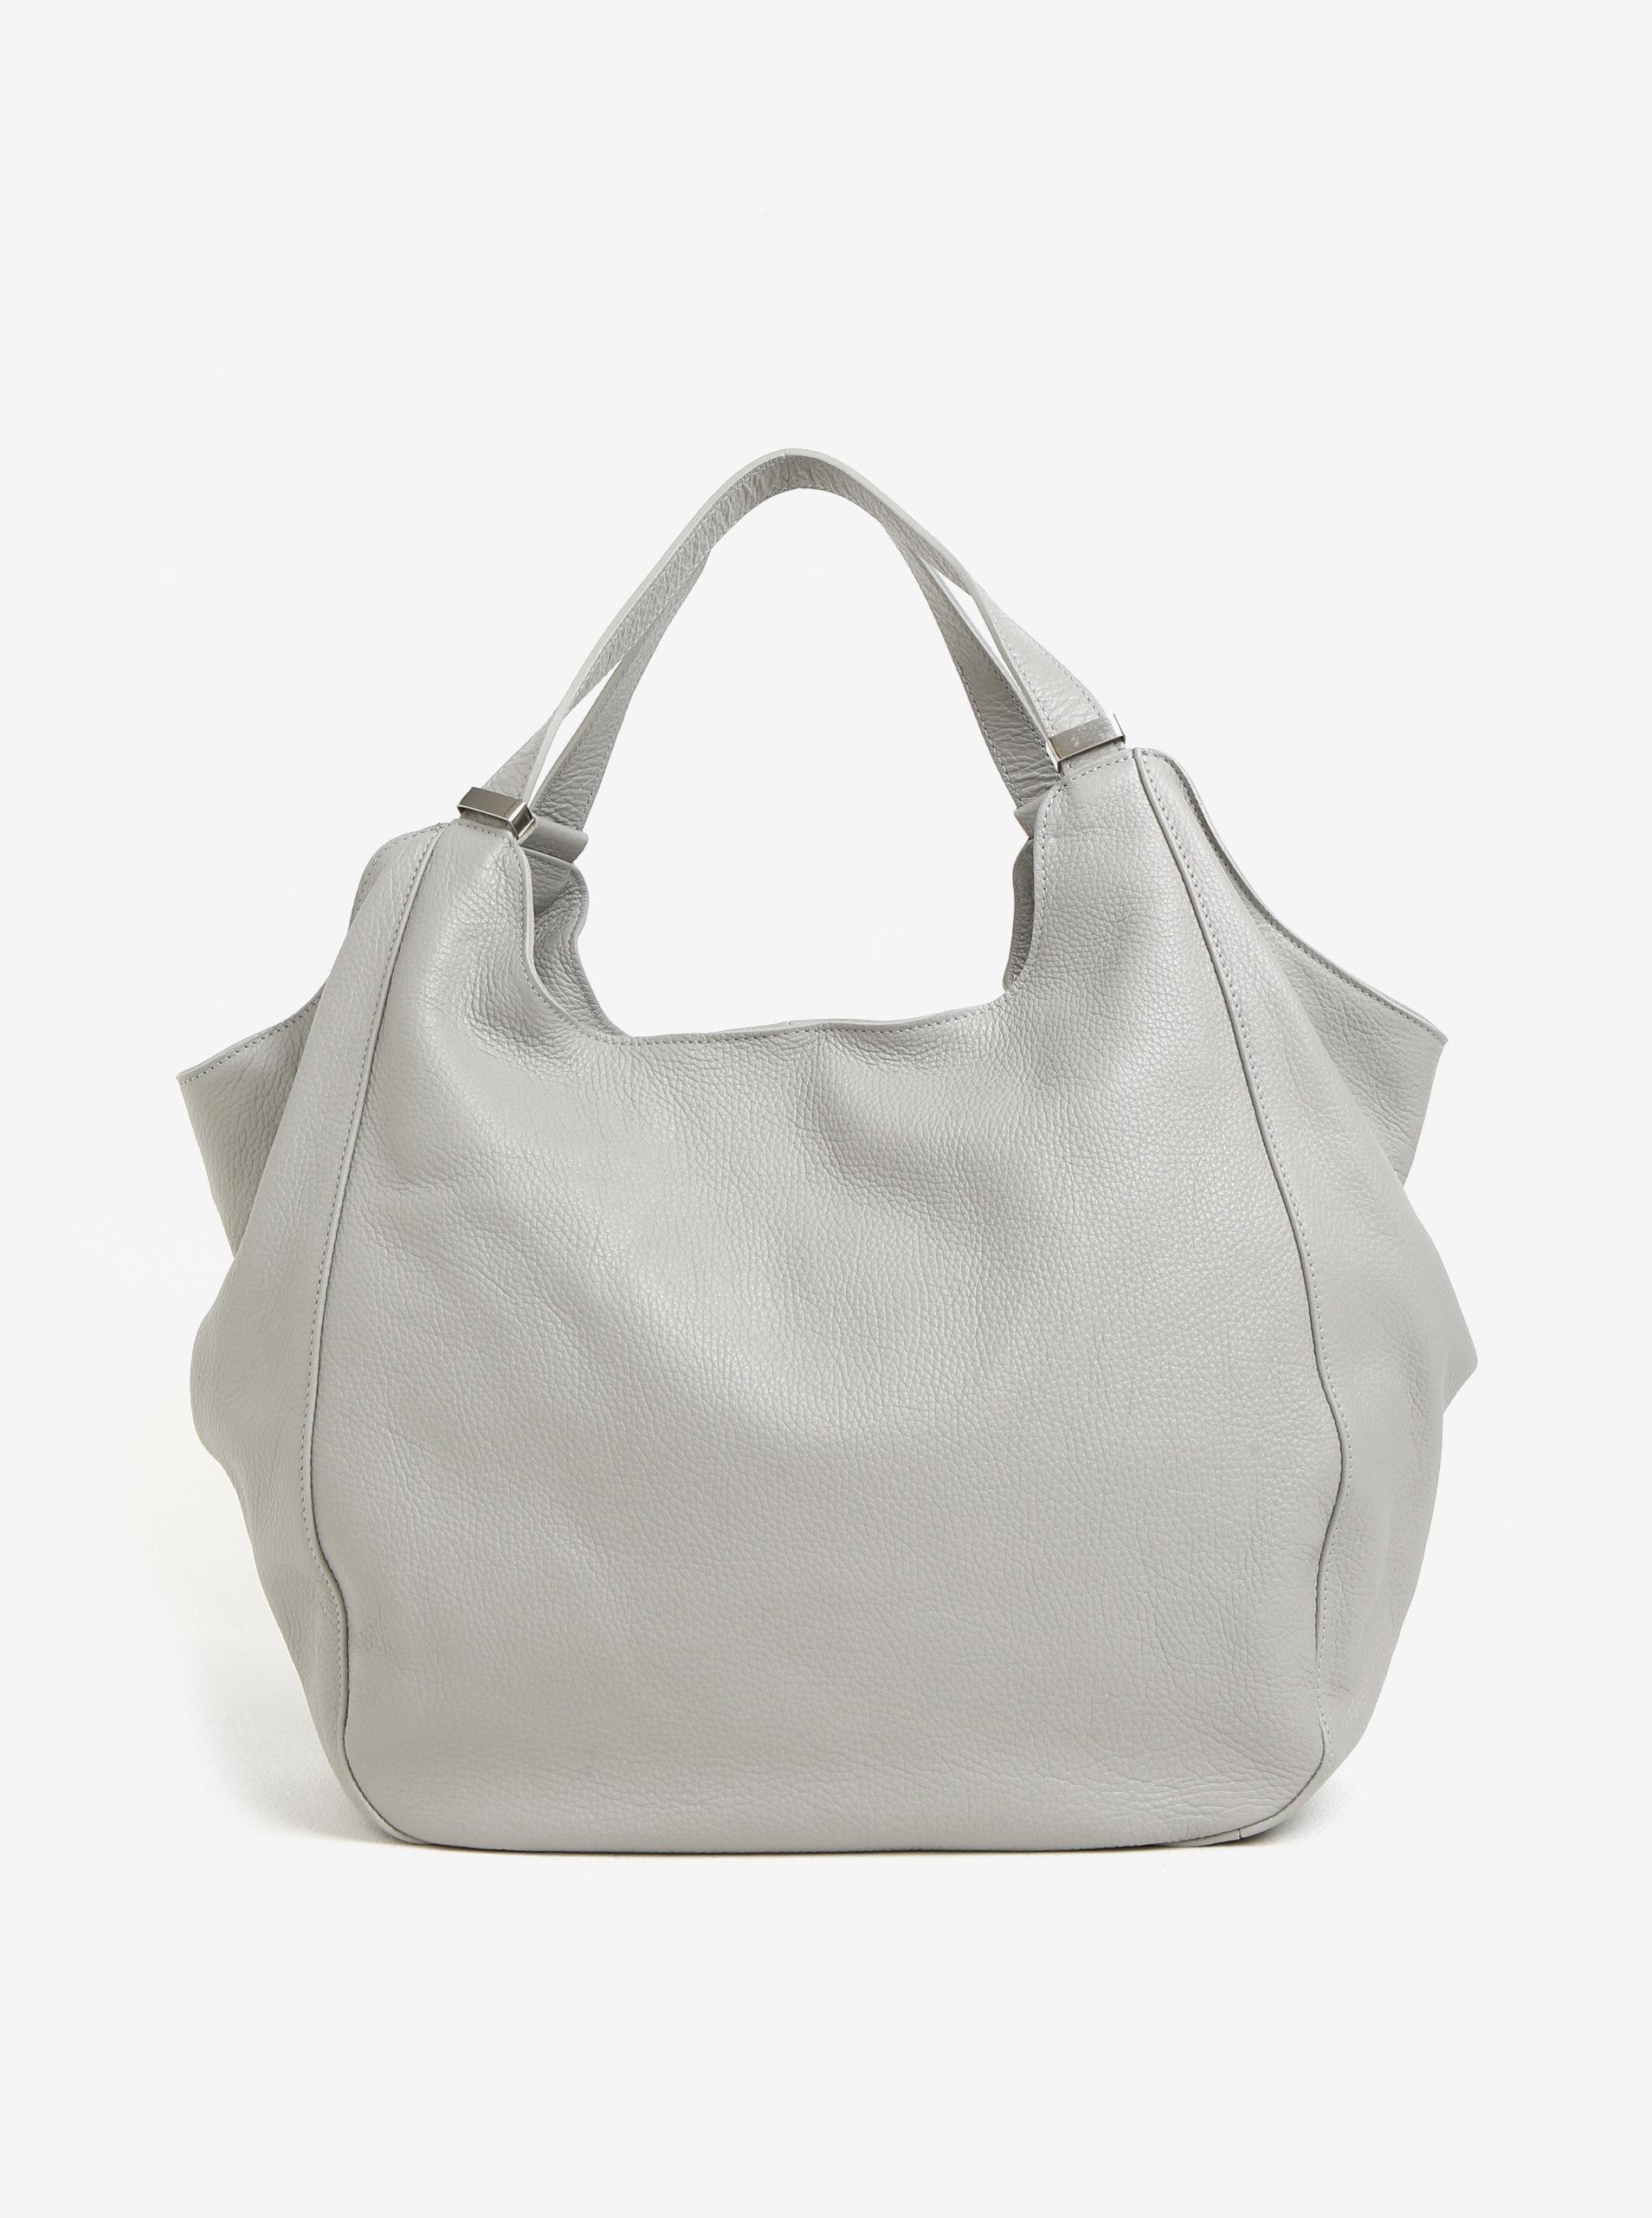 1a45a5950c Světle šedá dámská kožená kabelka KARA ...